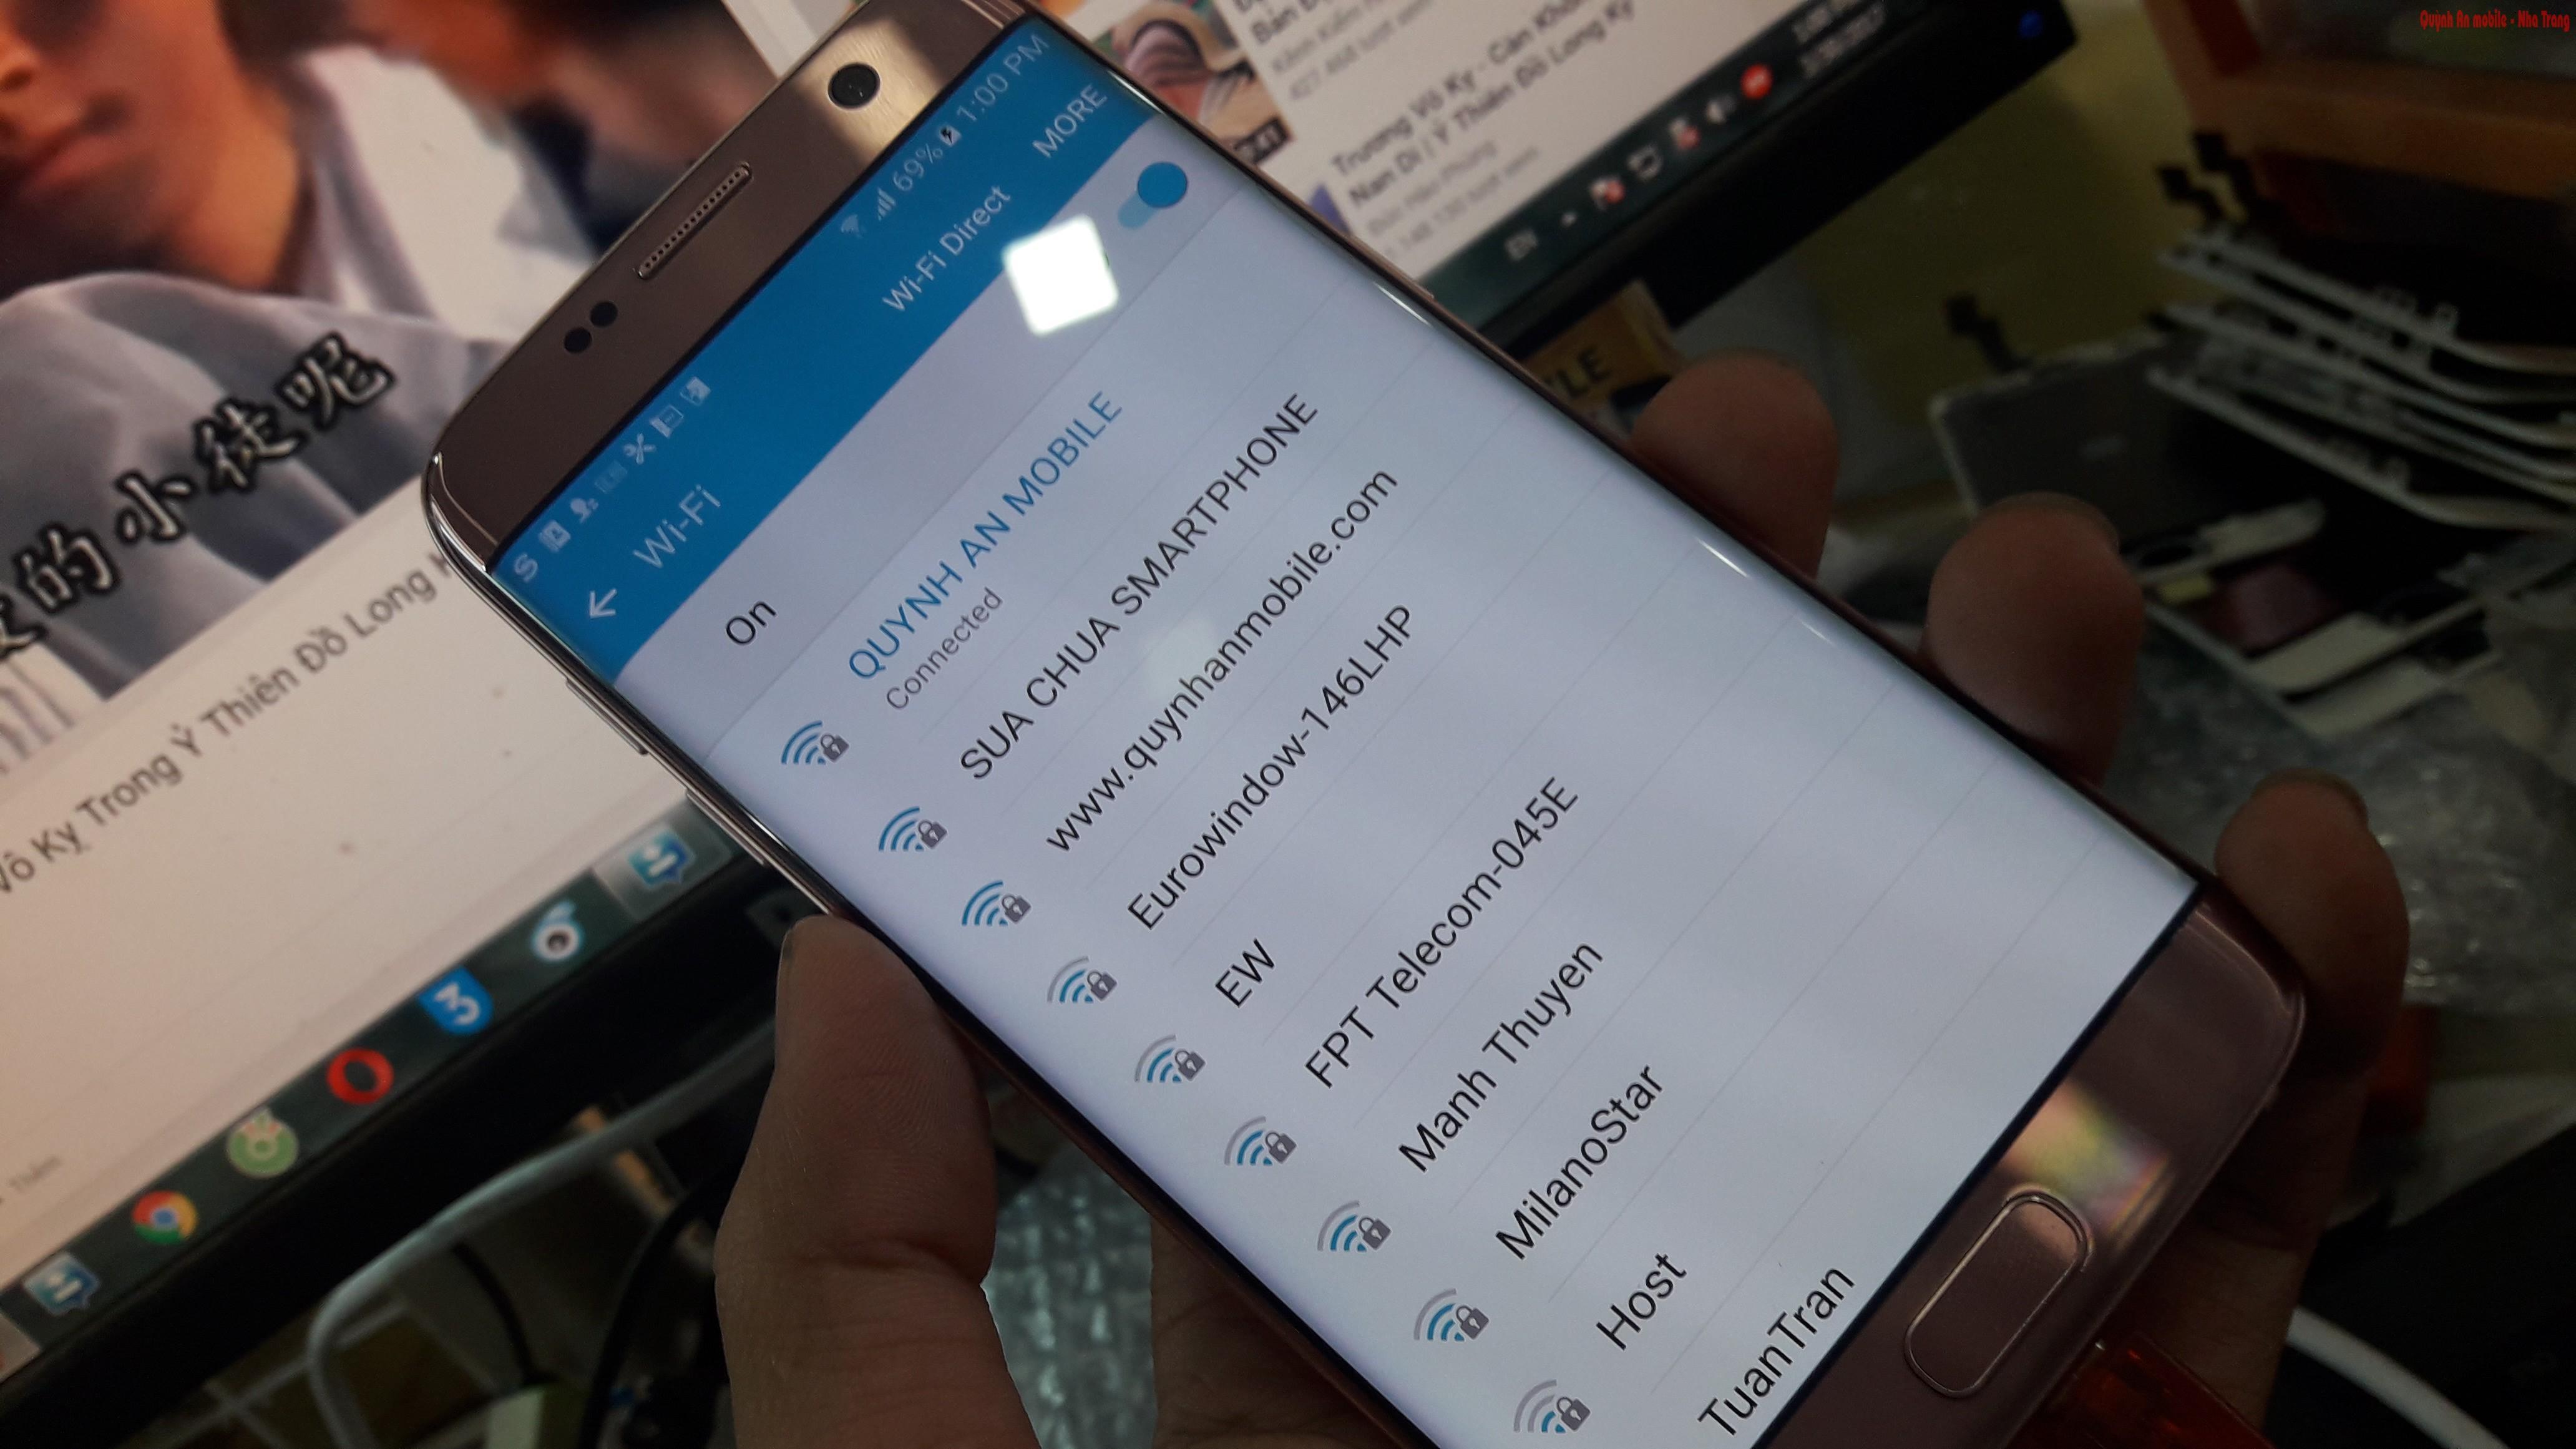 Unlock s7 Edge Samsung galaxy S7 xách tay nhật tại nha Trang